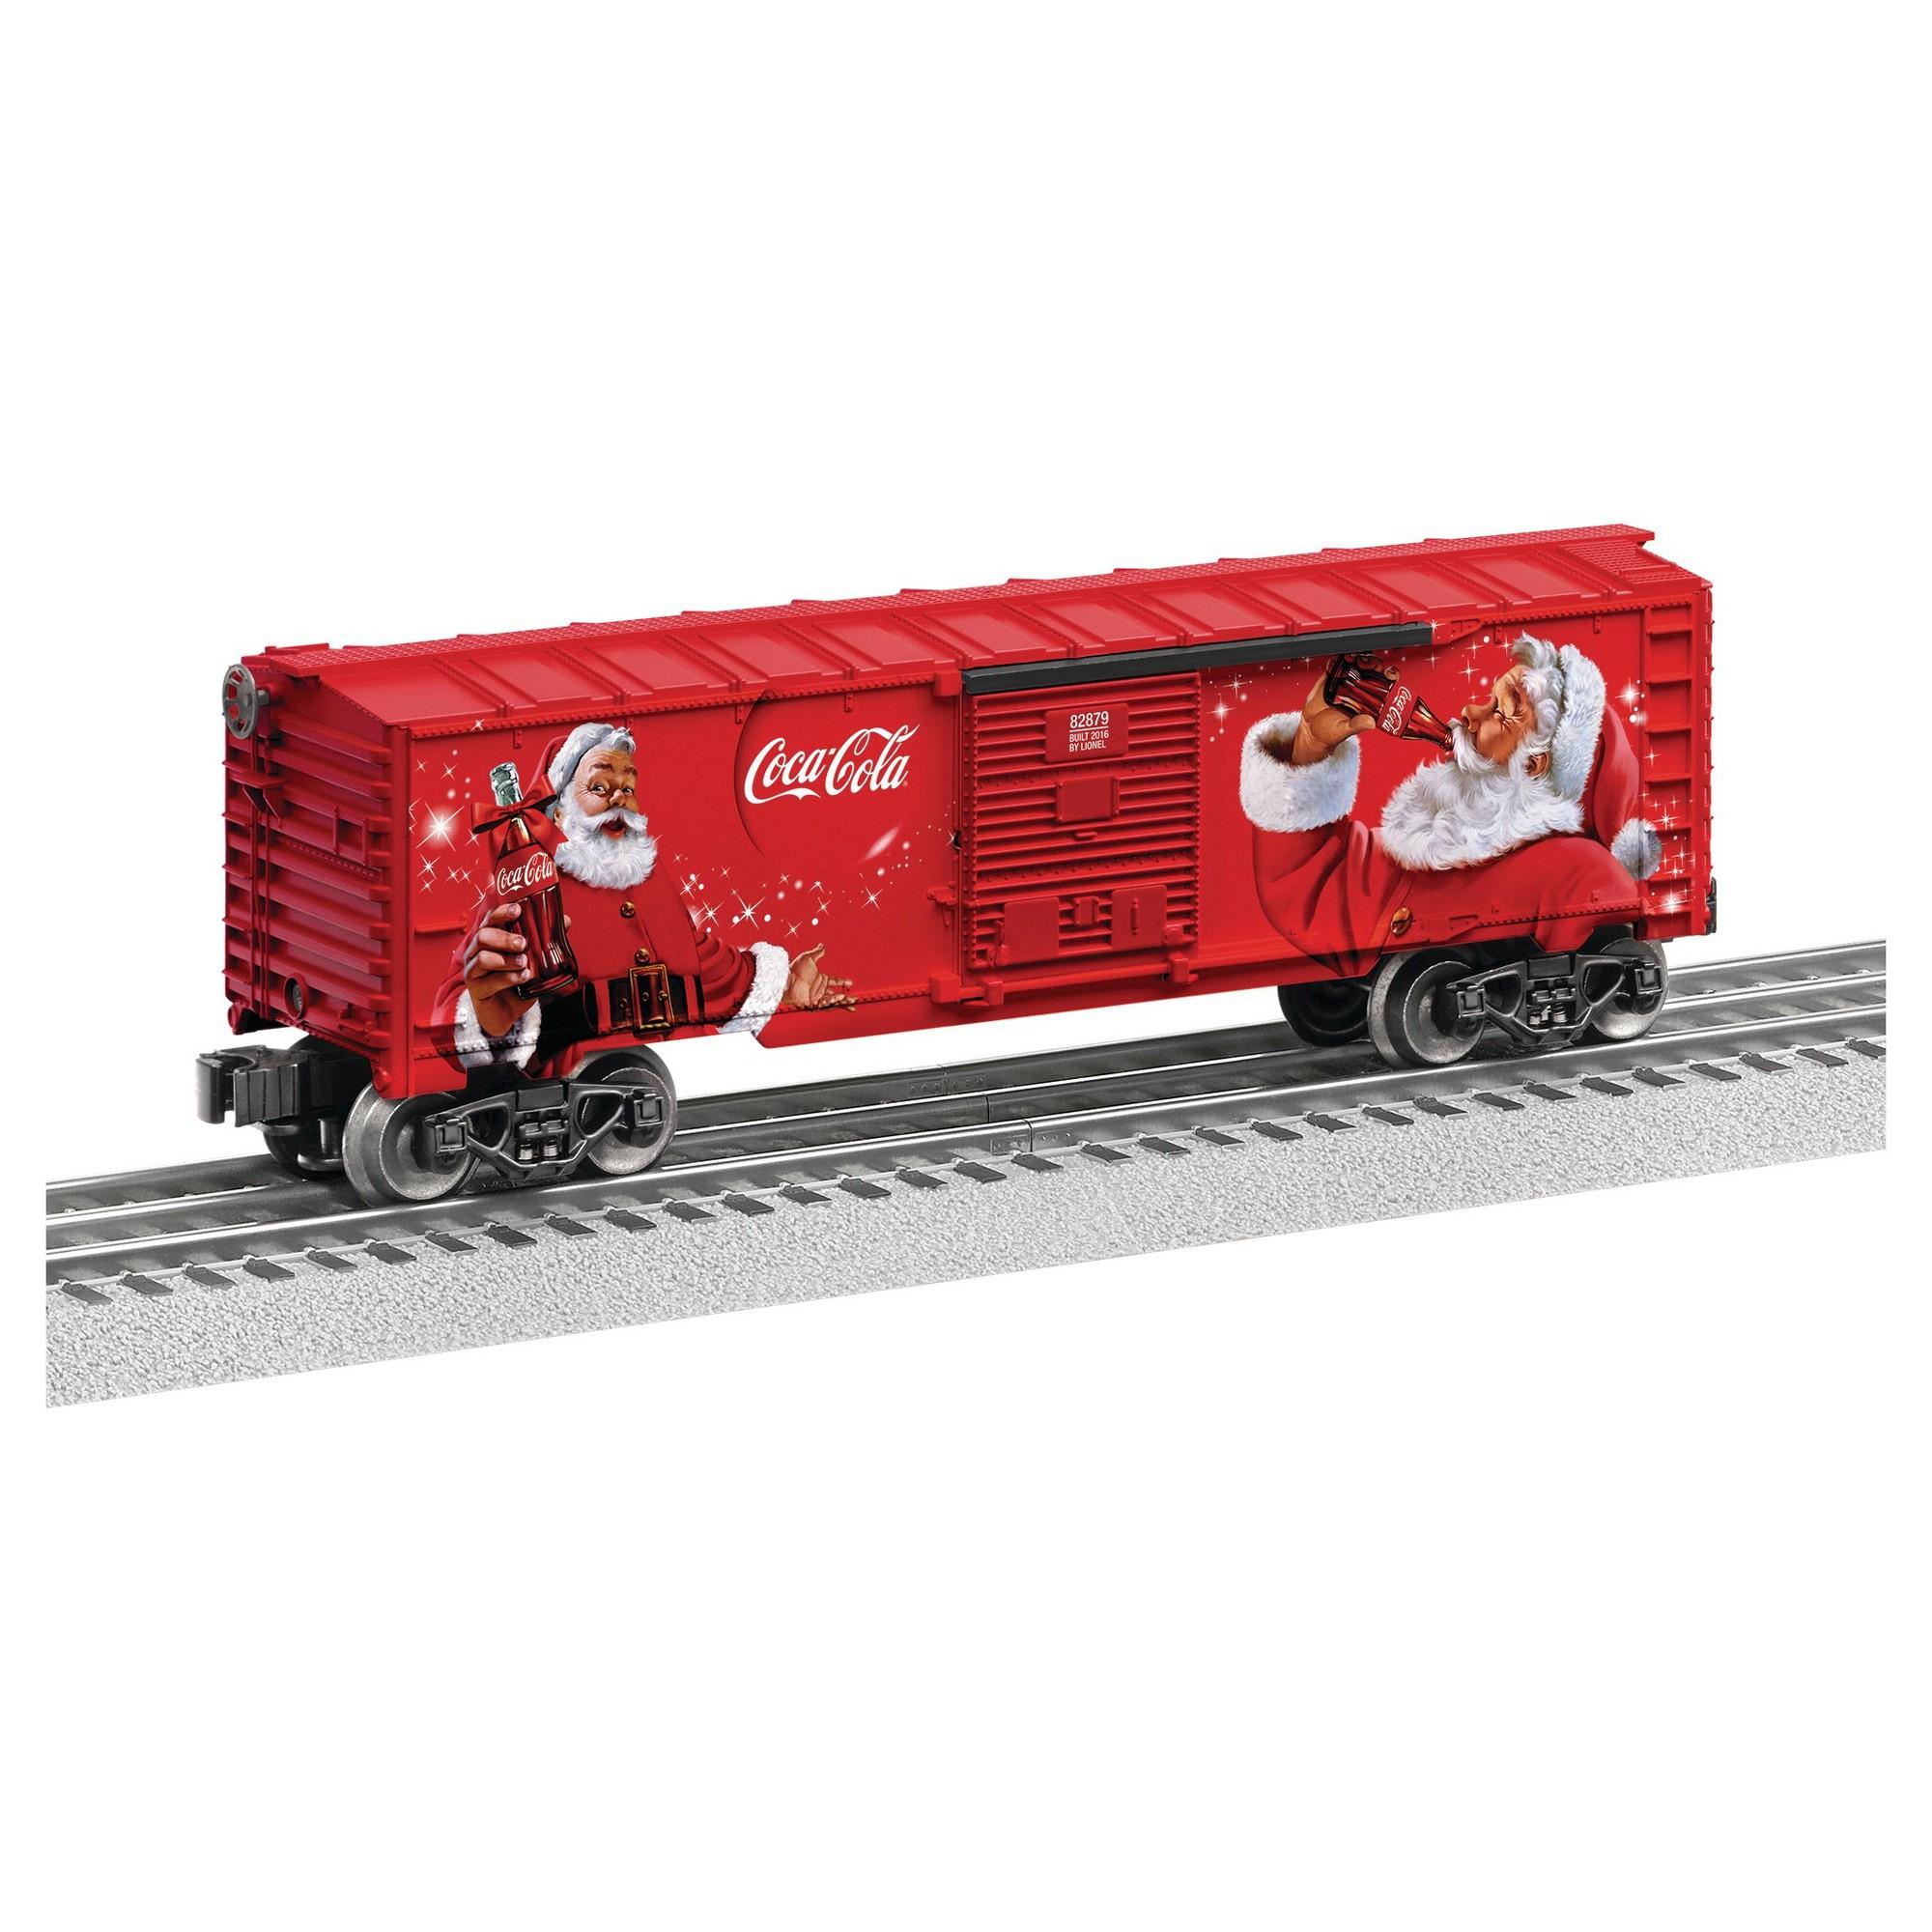 Lionel CocaCola Christmas Boxcar – Lionel Gp20 Wiring Schematics Engine